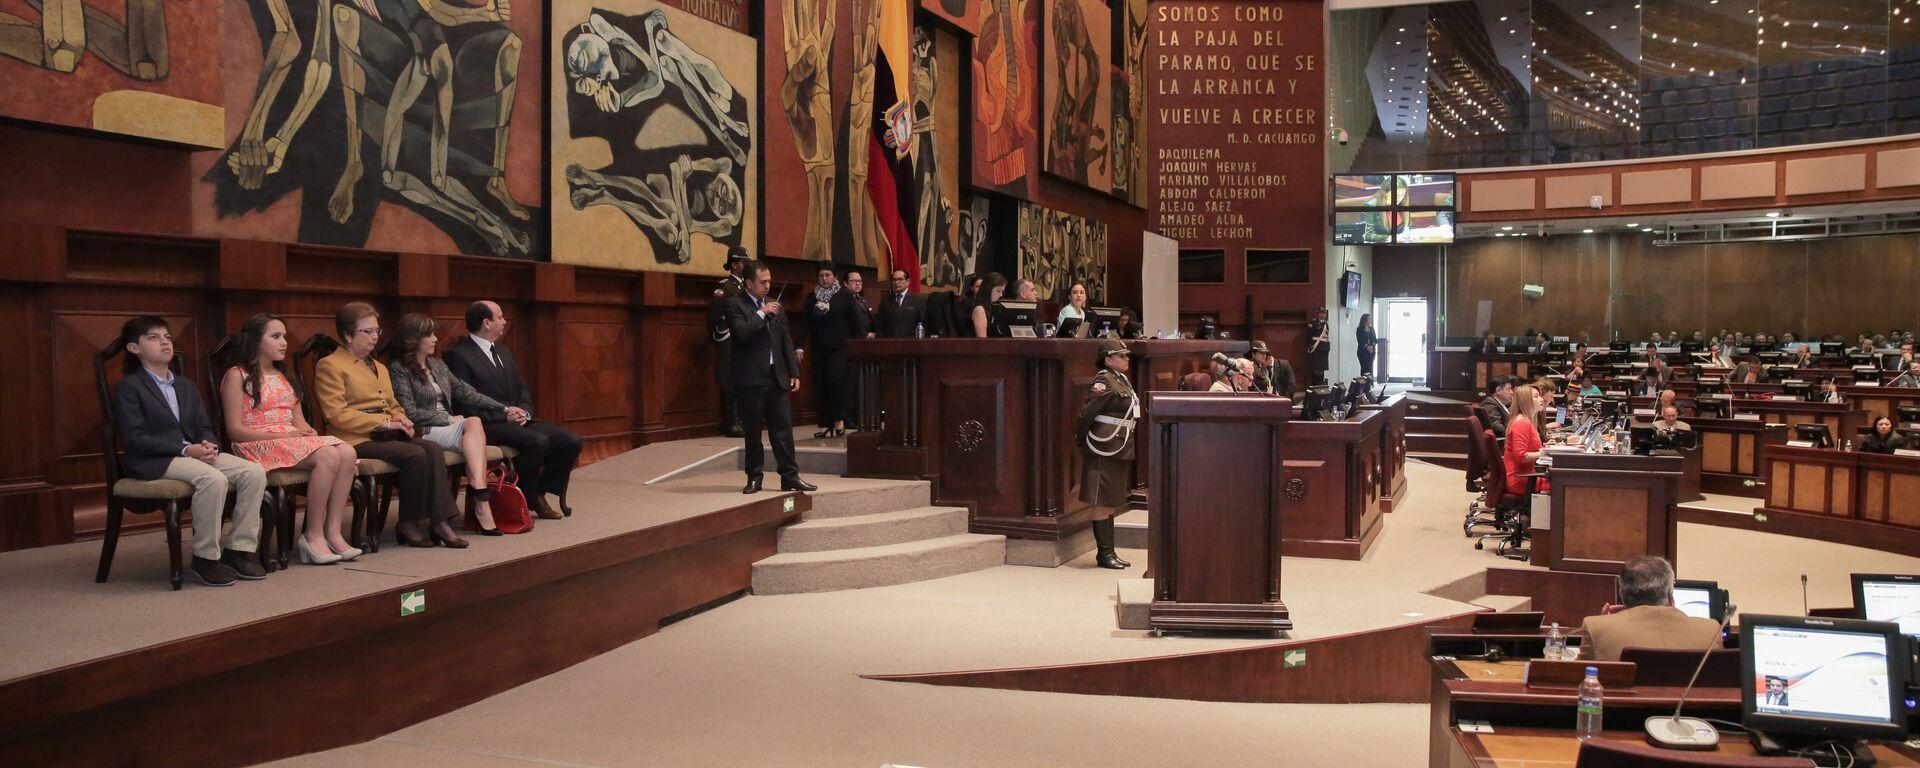 Asamblea Nacional del Ecuador (archivo) - Sputnik Mundo, 1920, 06.05.2021